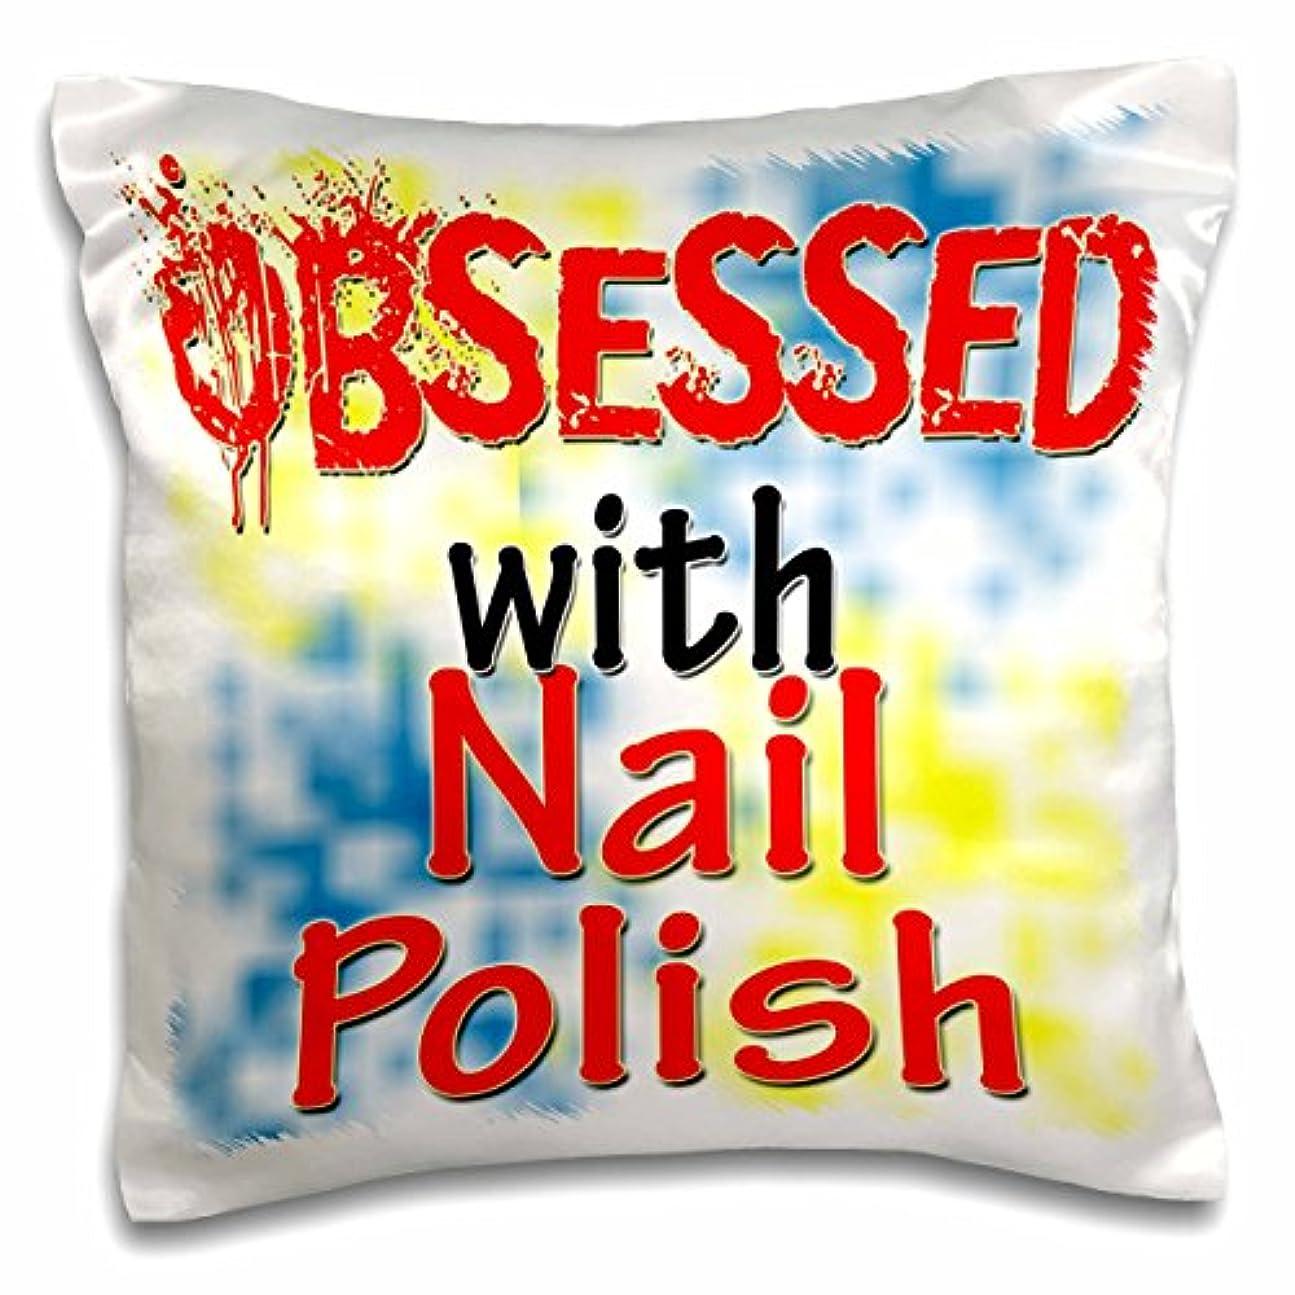 超えて生産的贅沢3droseブロンドDesigns Obsessed with – Obsessed with Nail Polish – 枕ケース 16